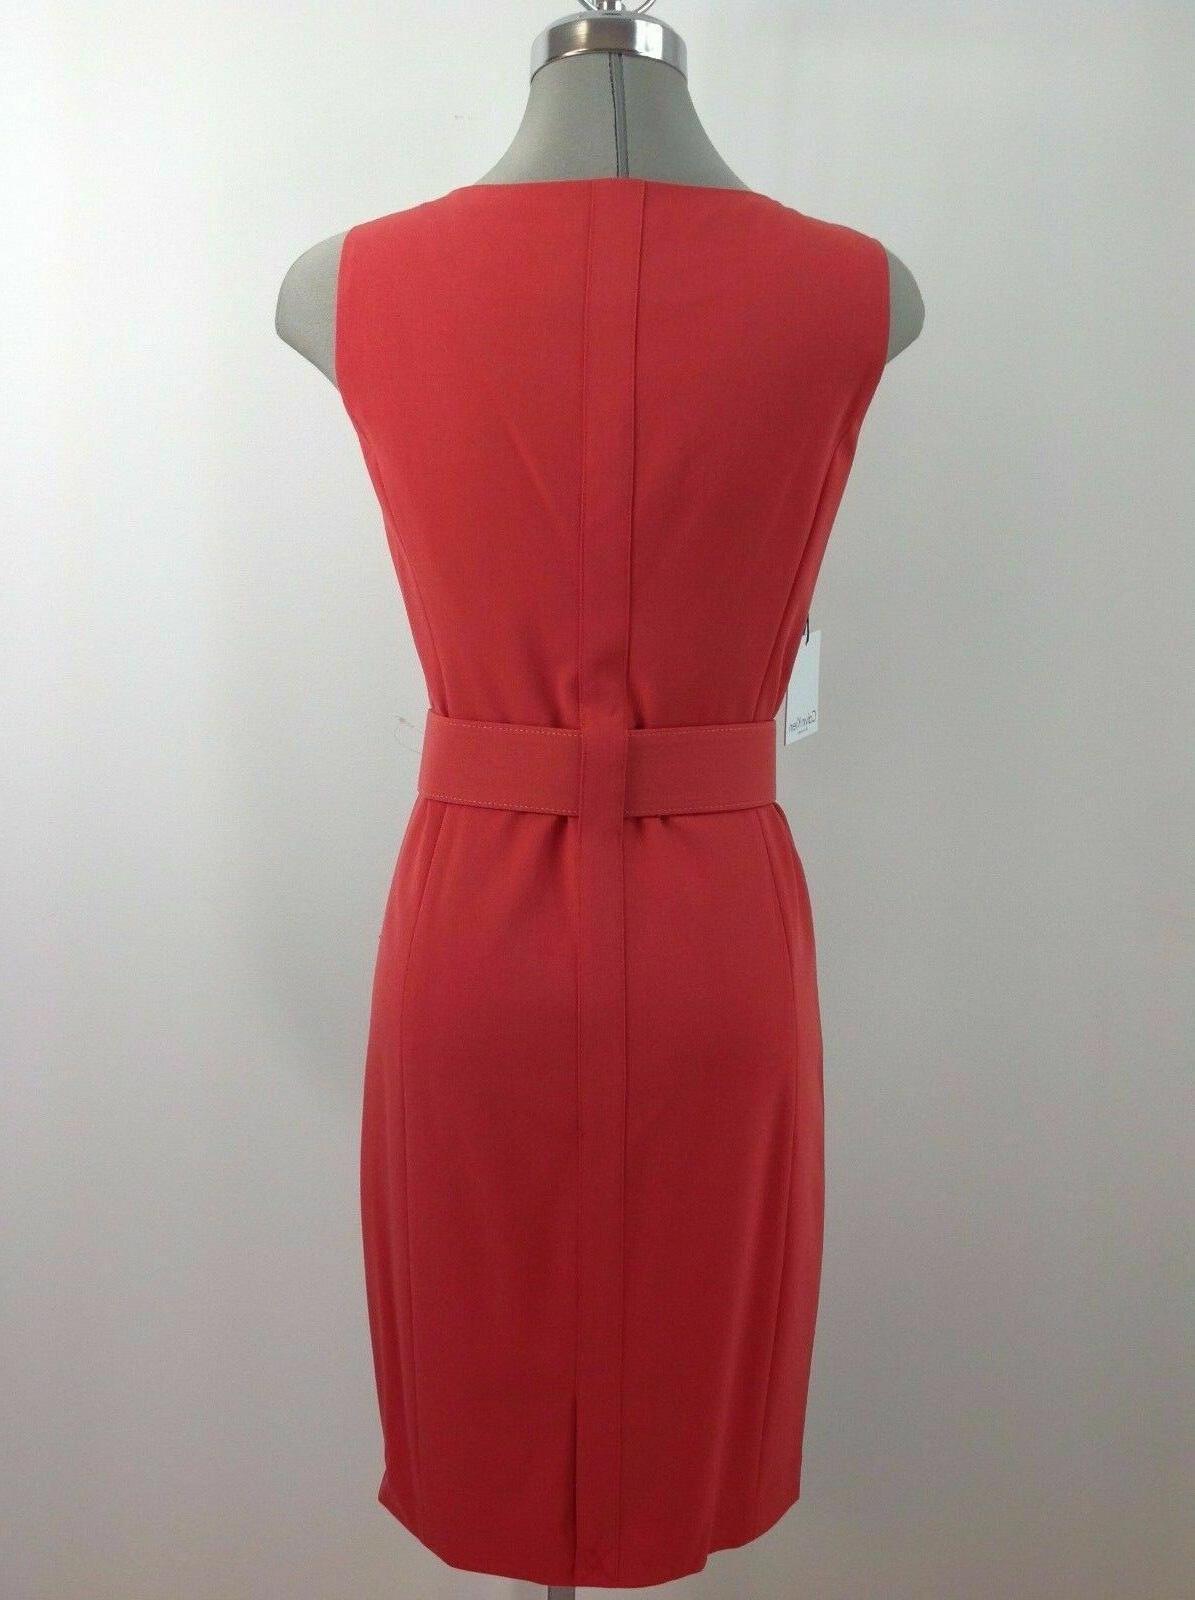 Calvin RED Dress Belt Buckle to Work Dress,4